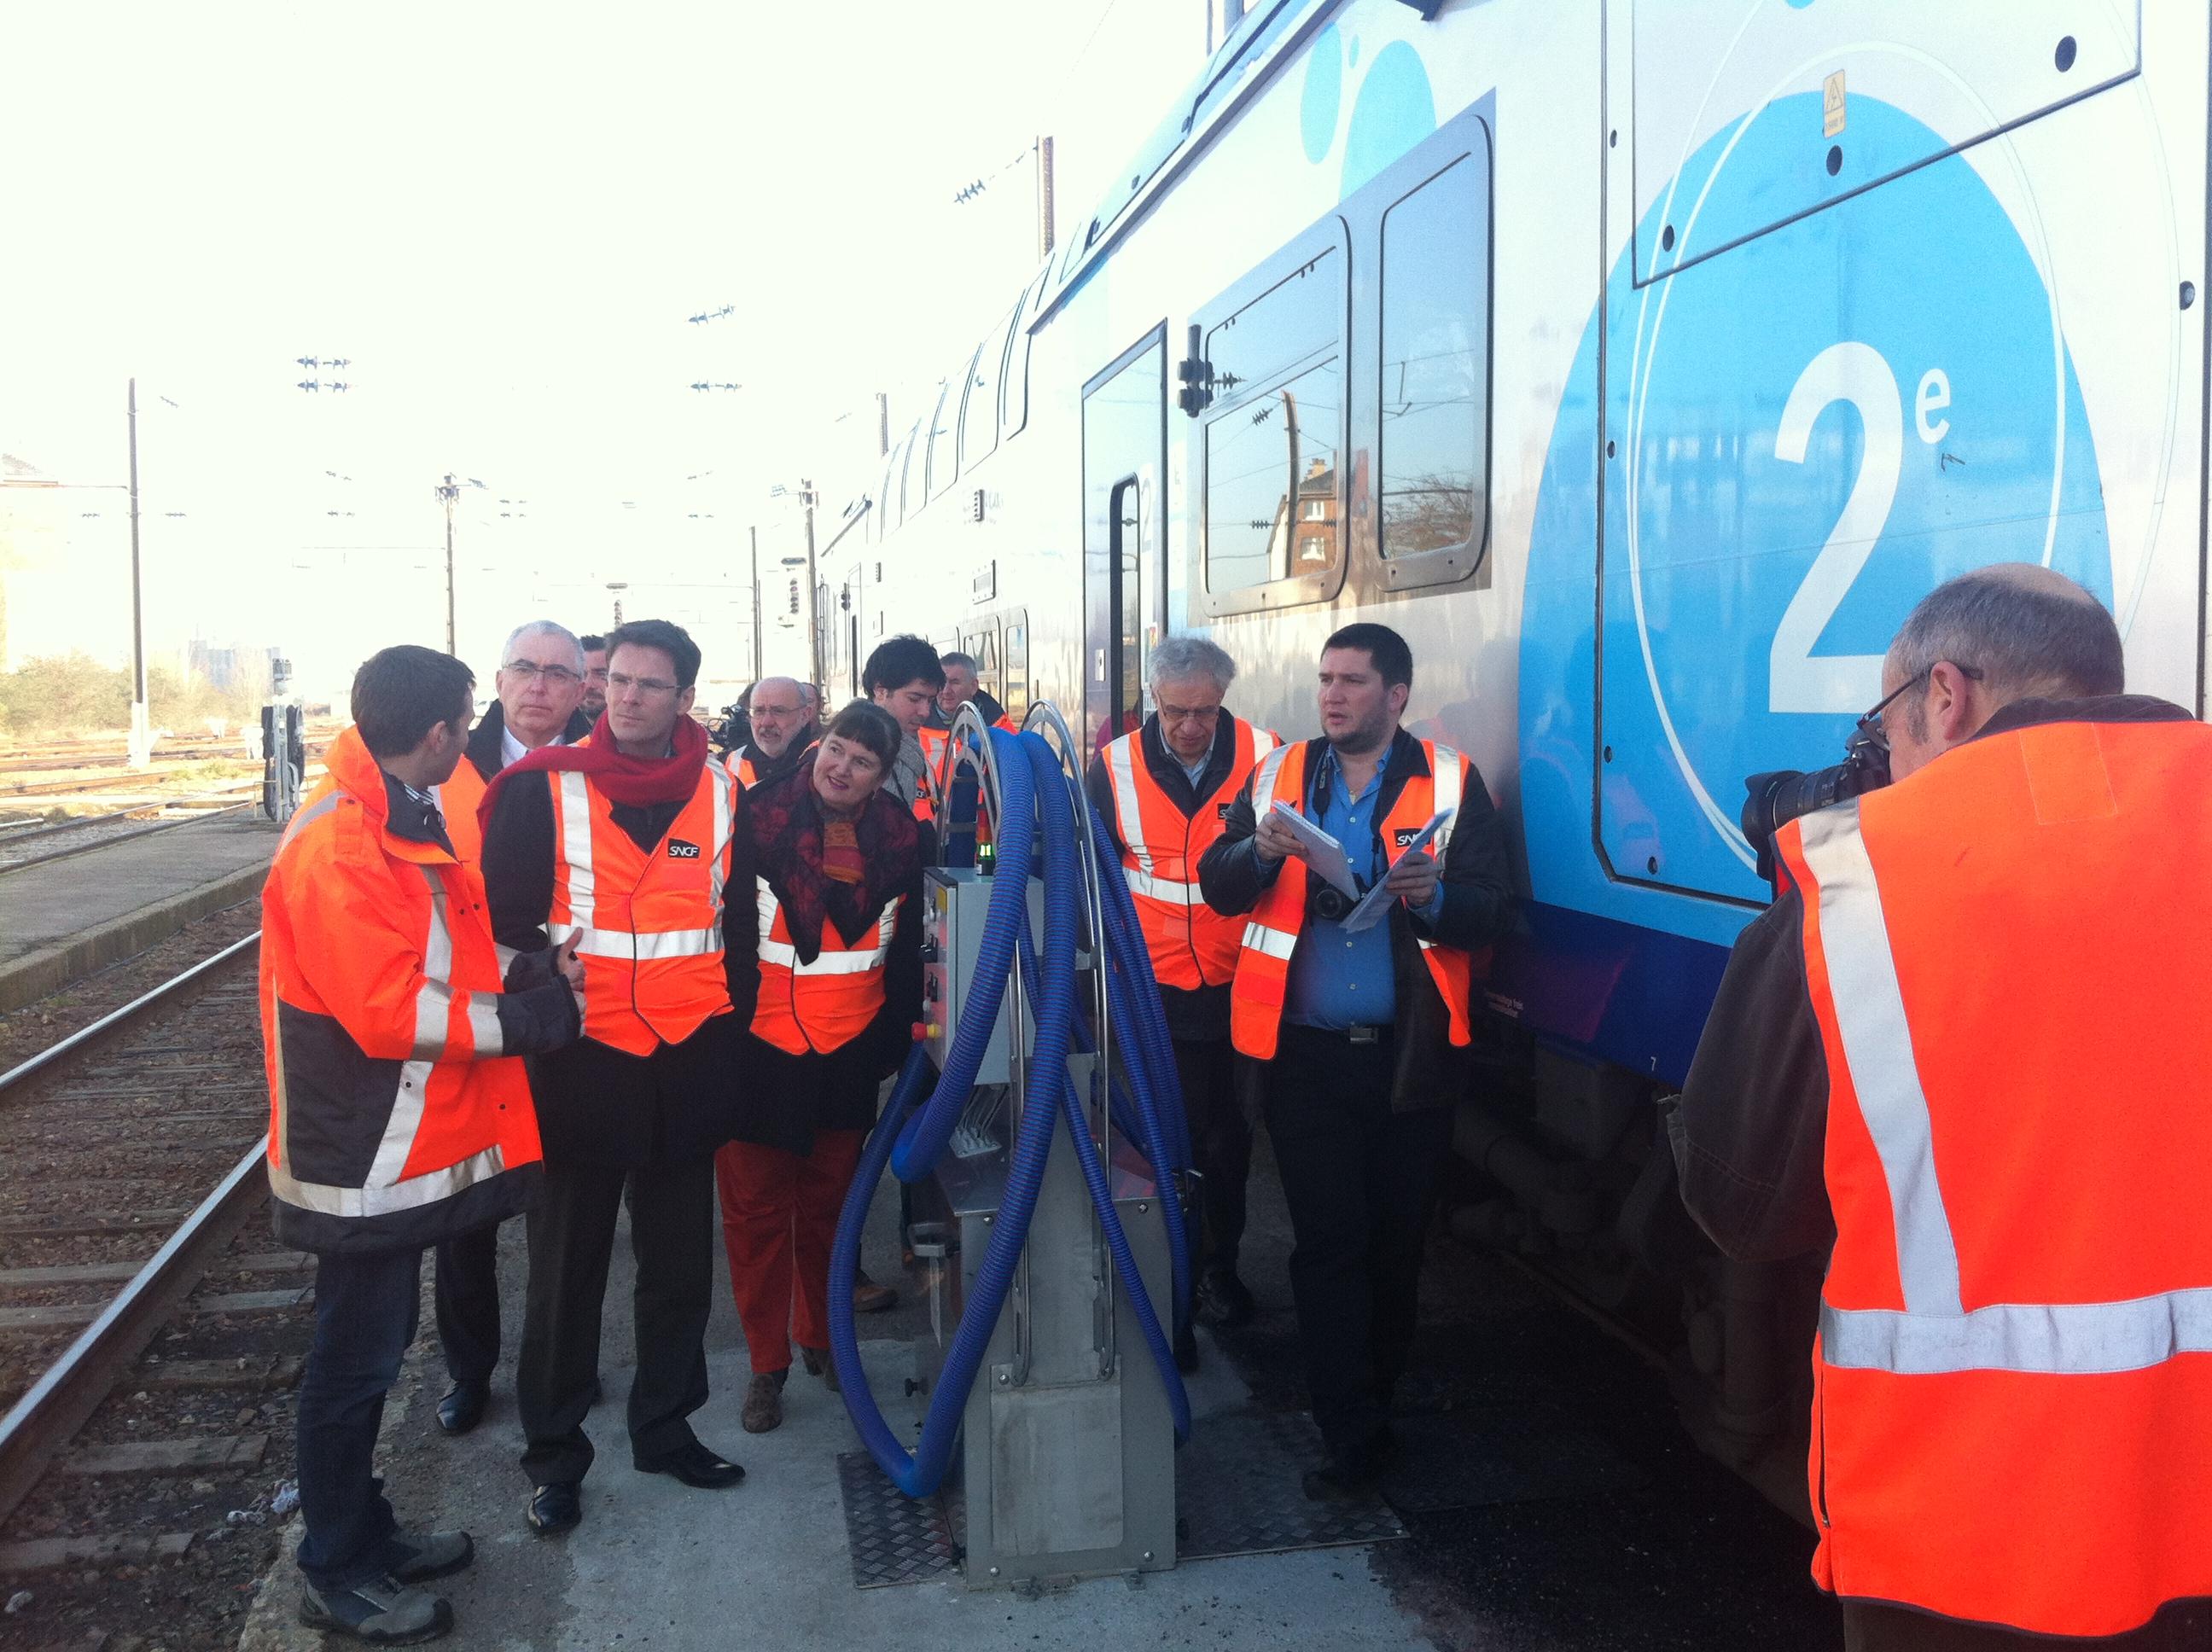 Le président de la Région Haute-Normandie a visité ce matin l'état d'avancement des travaux réalisés sur le site du Technicentre de la SNCF à Sotteville-lès-Rouen (Photo : DR)